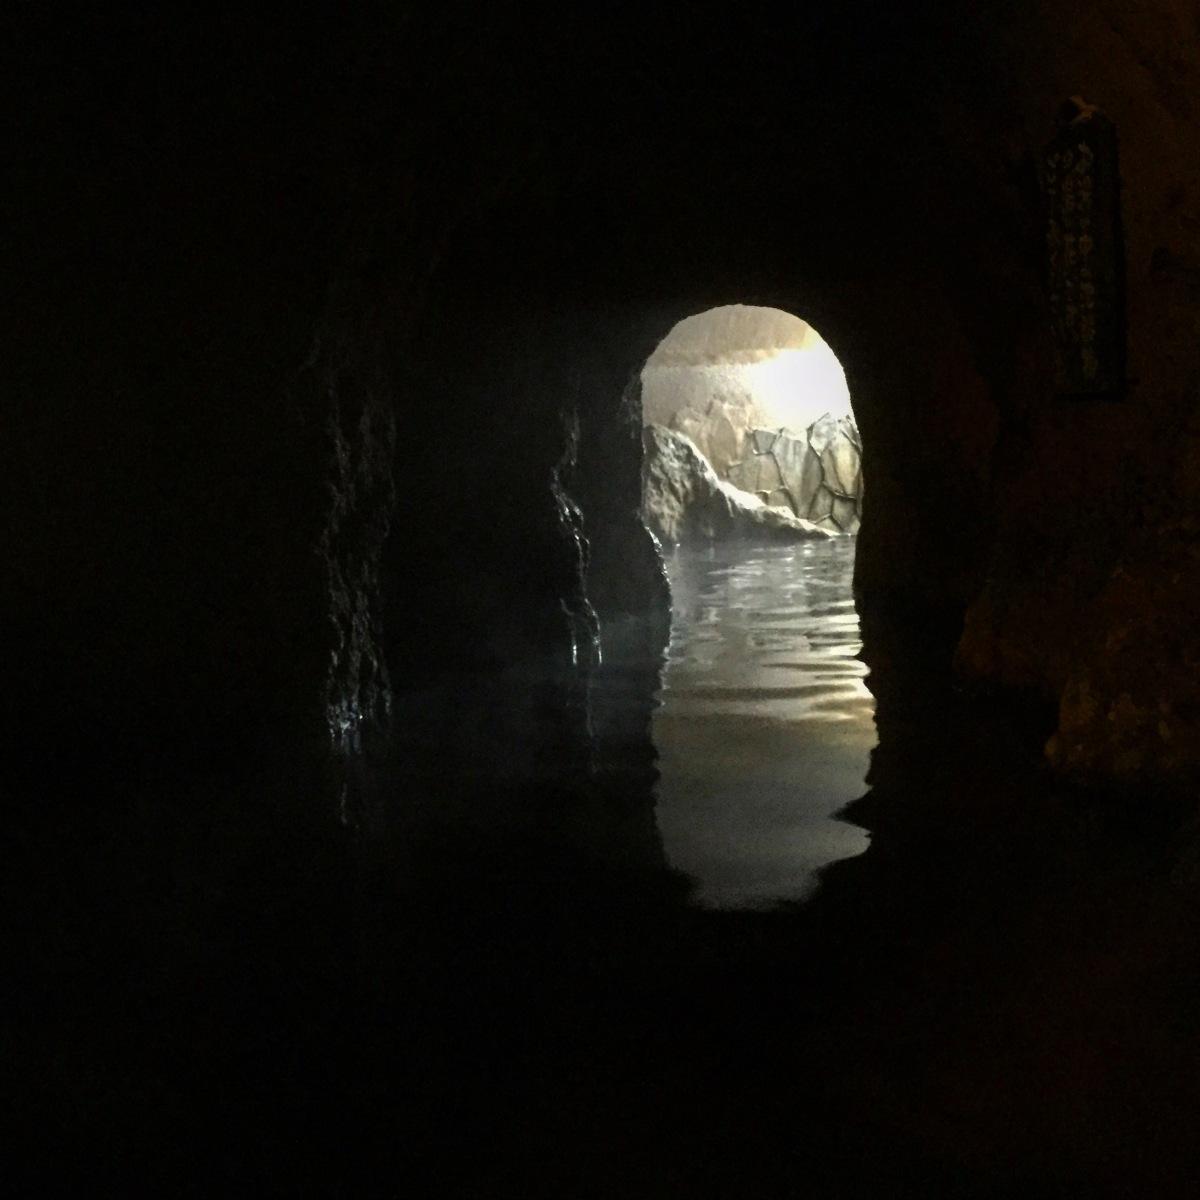 The Yamanoyado Shinmeikan cave onsen, Japan. Experiencing the traditional Japanese spa.